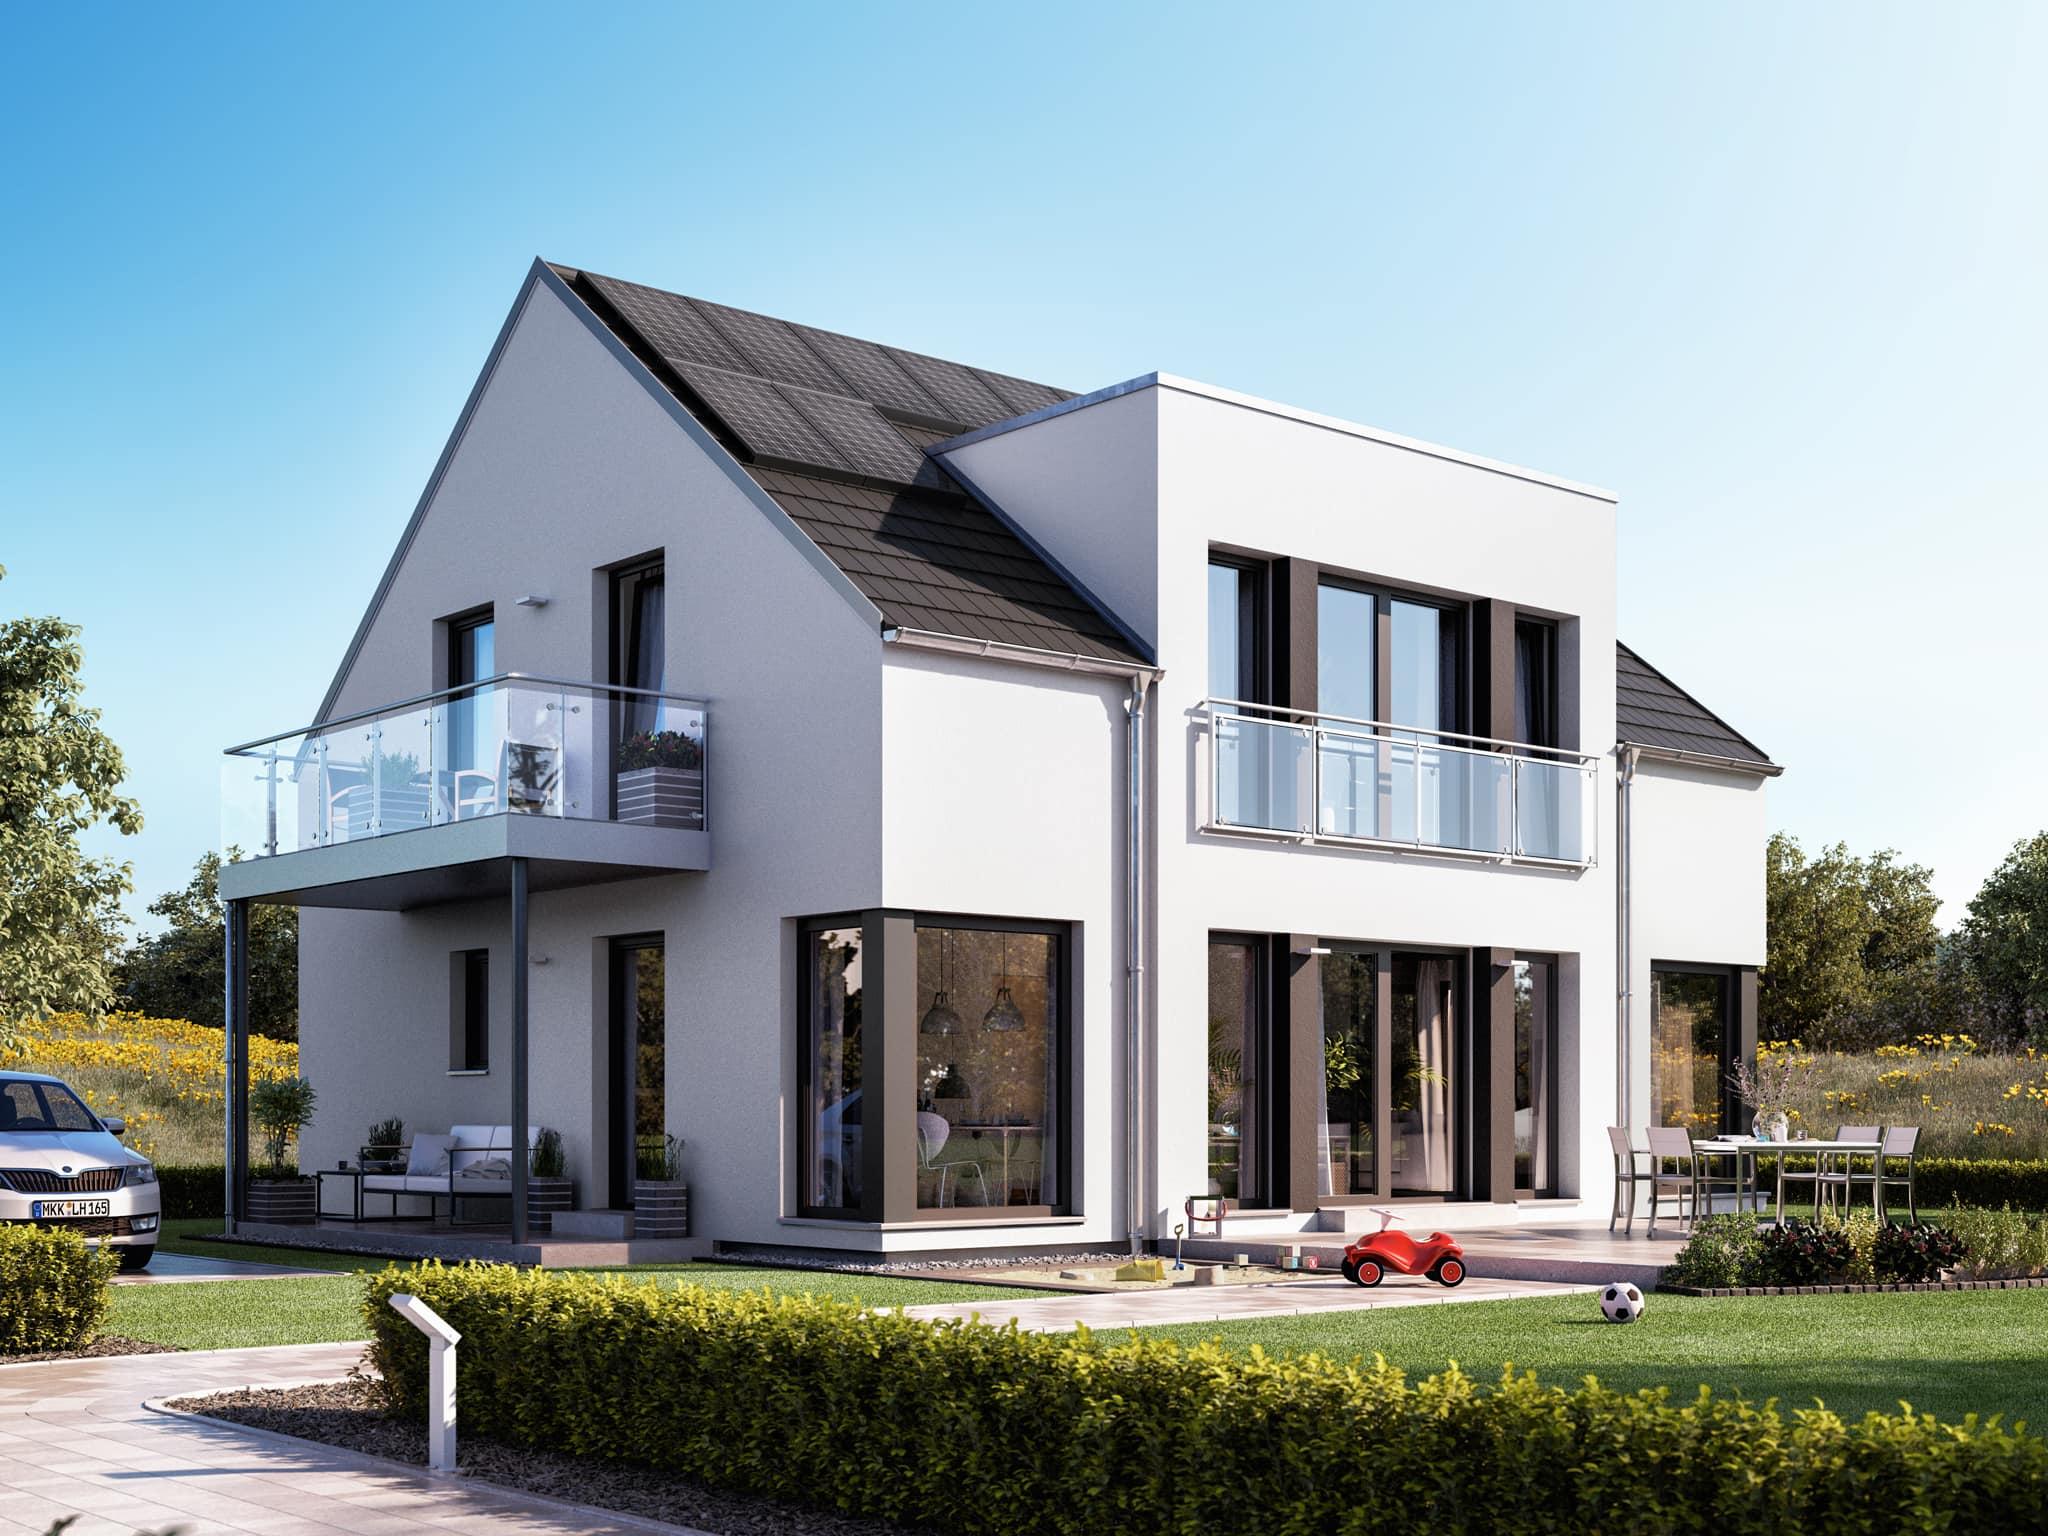 Einfamilienhaus modern mit Satteldach ohne Dachüberstand, Zwerchgiebel & Balkon, 5 Zimmer, 165 qm - Fertighaus SUNSHINE 165 V3 von Living Haus - HausbauDirekt.de